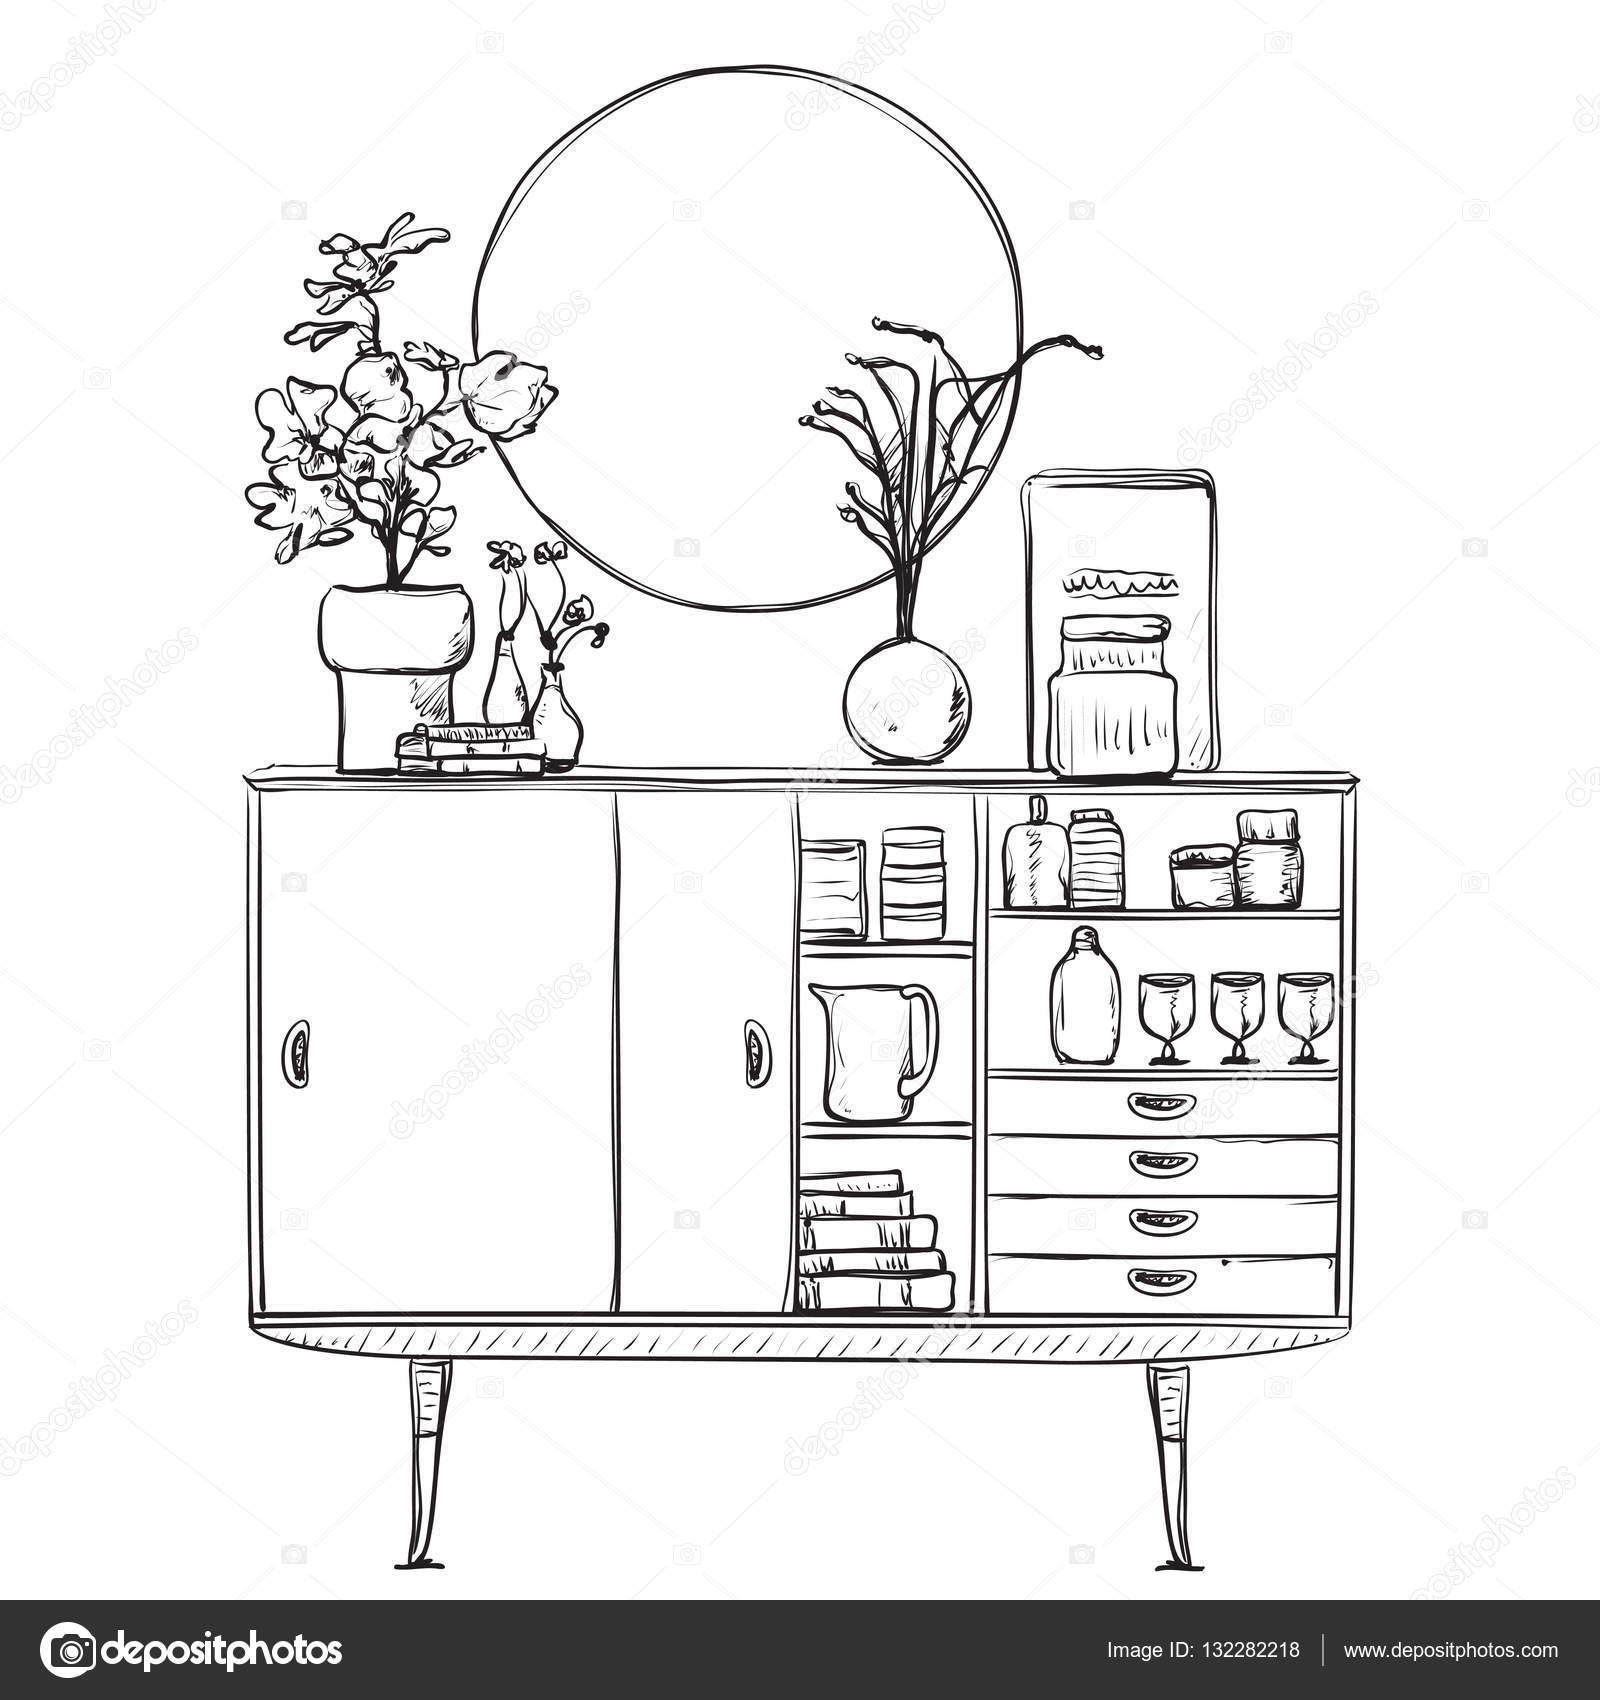 Schrank gezeichnet  gezeichnet Schrank mit Geschirr. Möbel — Stockvektor #132282218